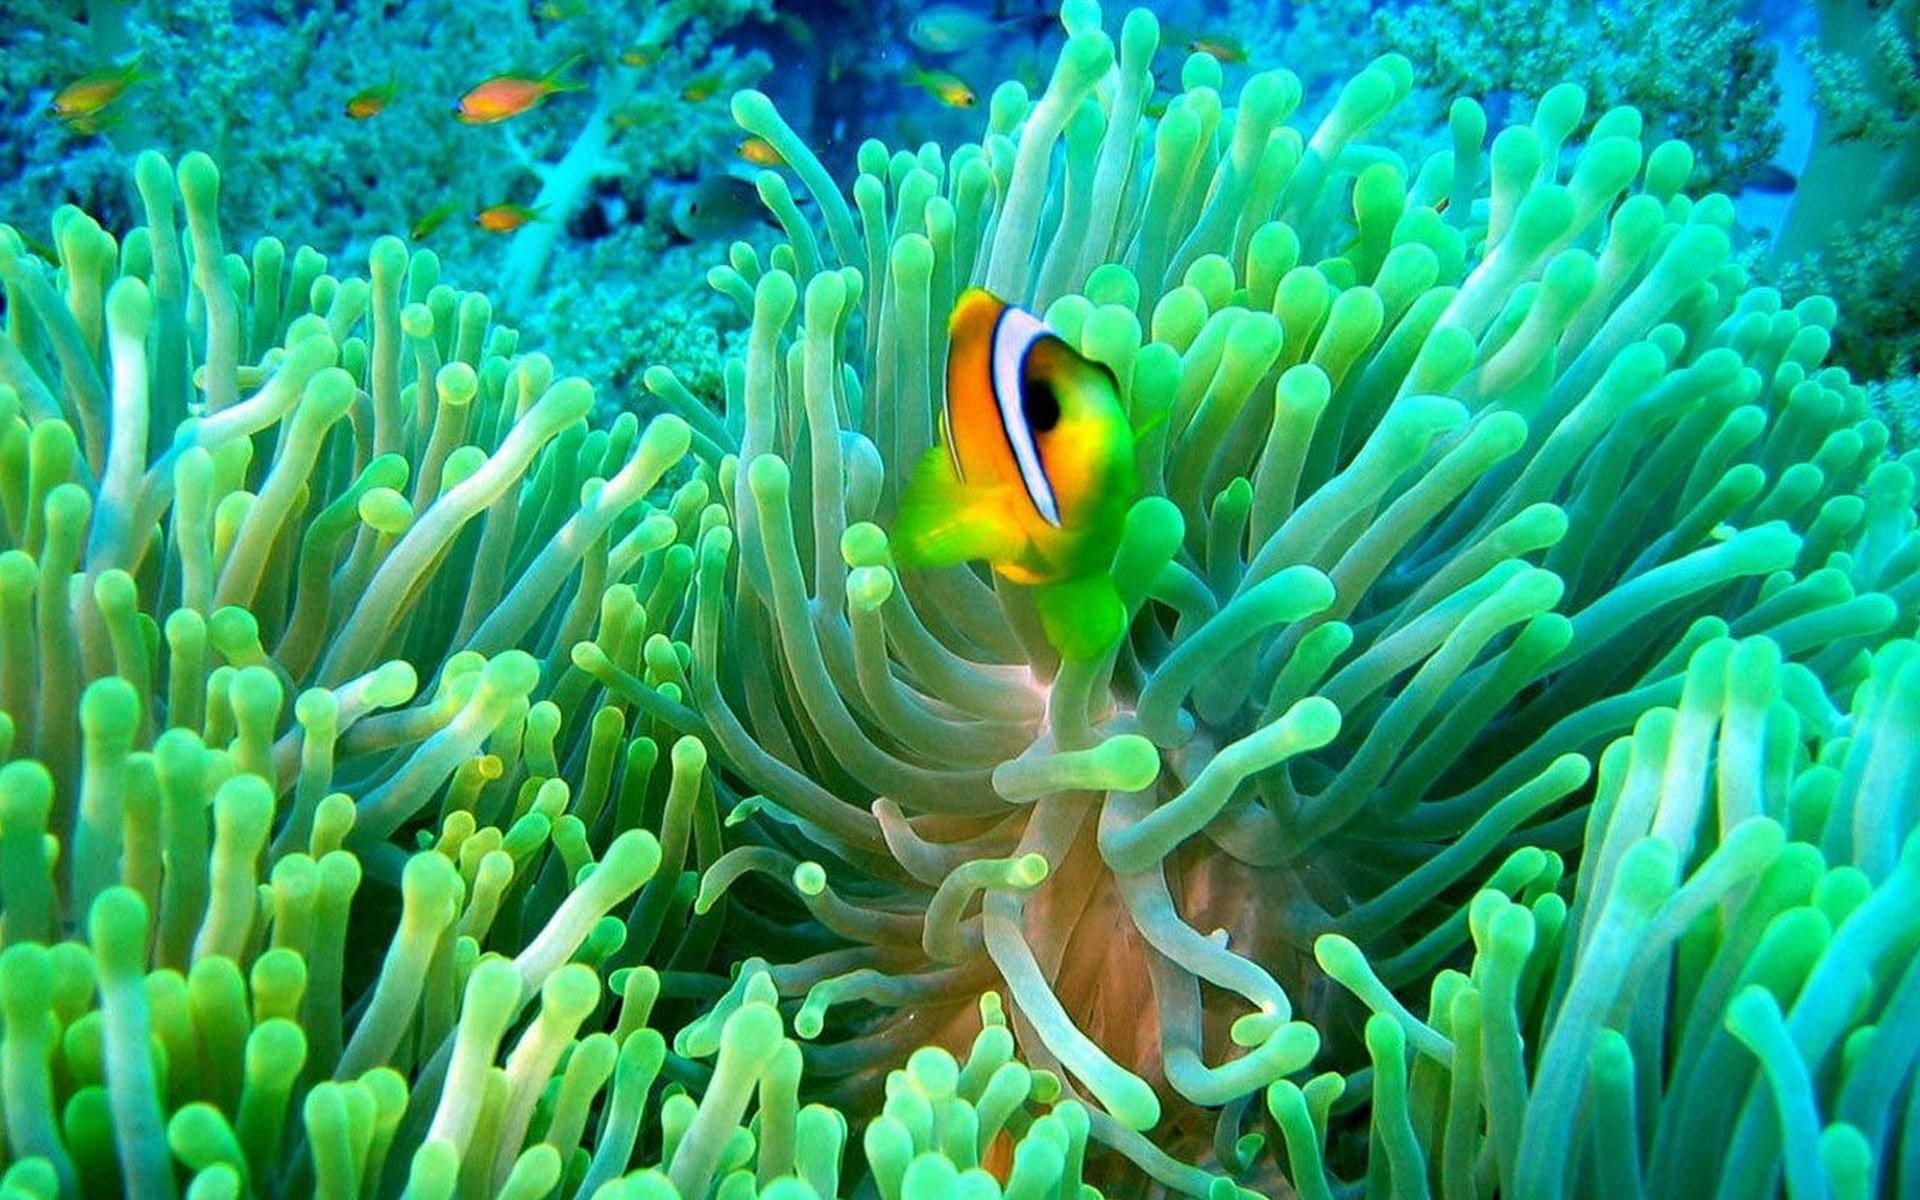 beautiful clownfish image